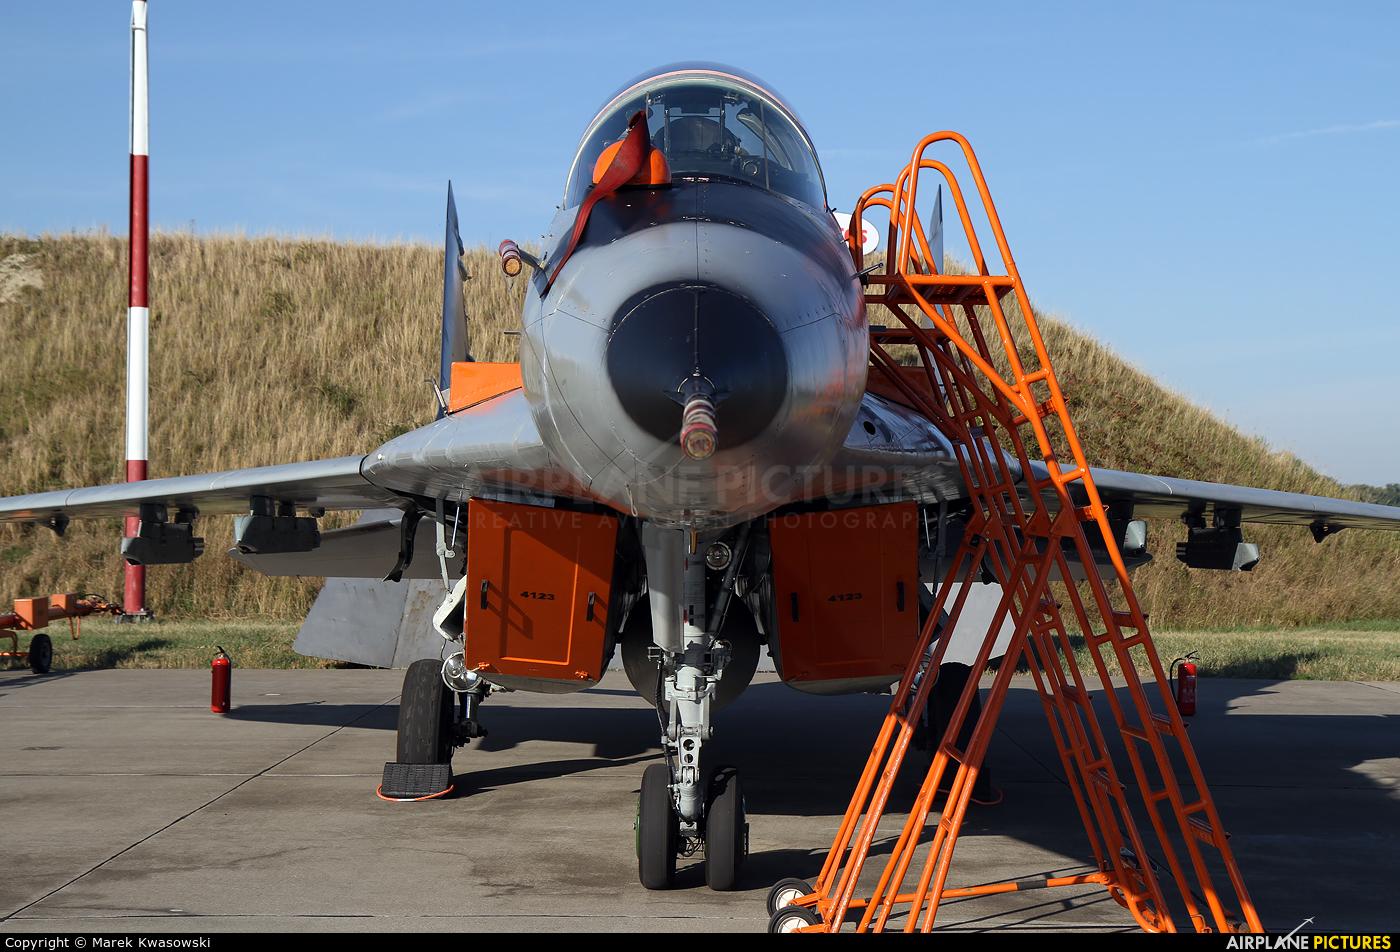 Poland - Air Force 4123 aircraft at Malbork